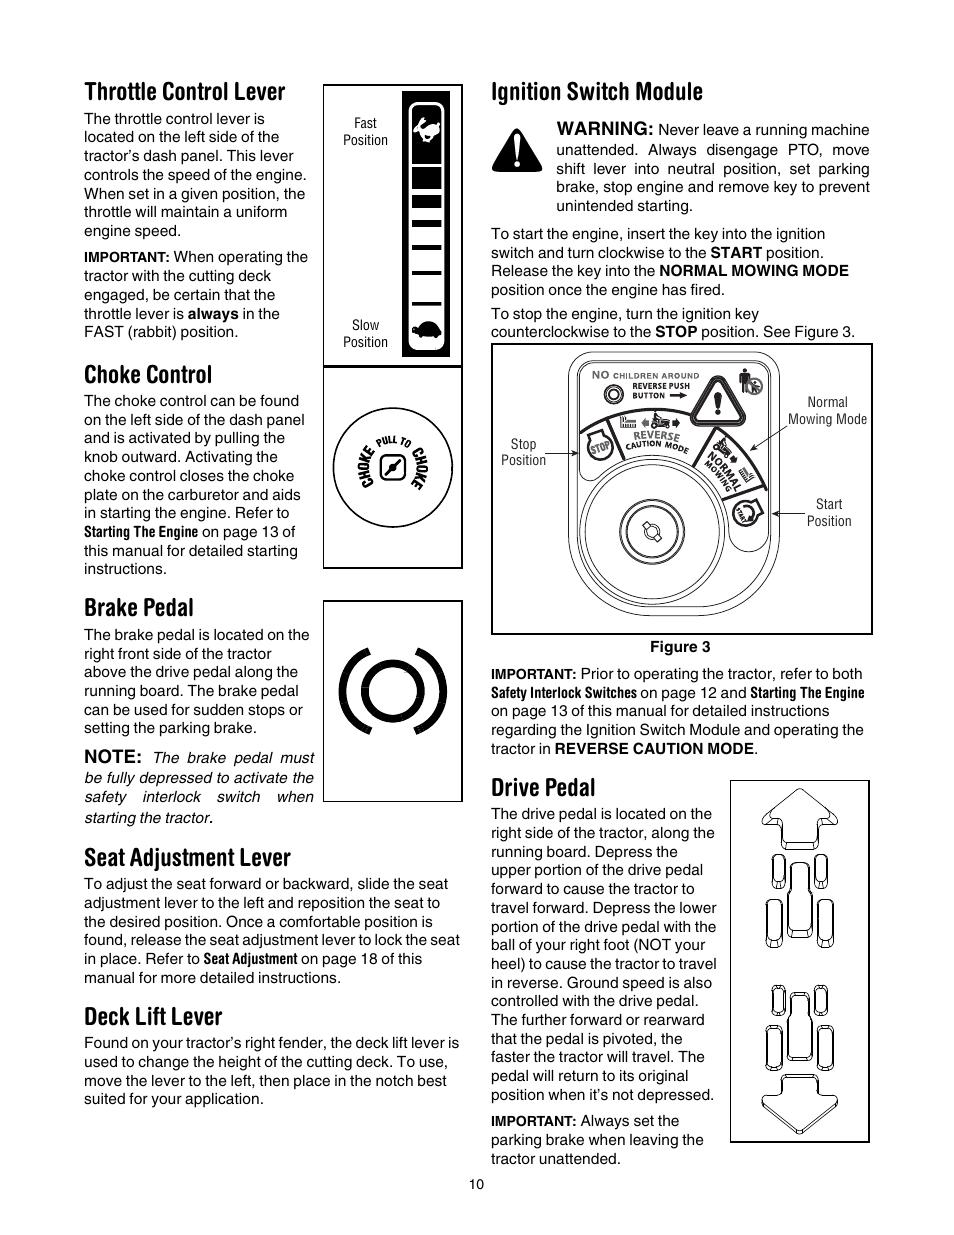 throttle control lever choke control brake pedal cub cadet rh manualsdir com cub cadet slt1554 repair manual Cub Cadet GT1554 Parts